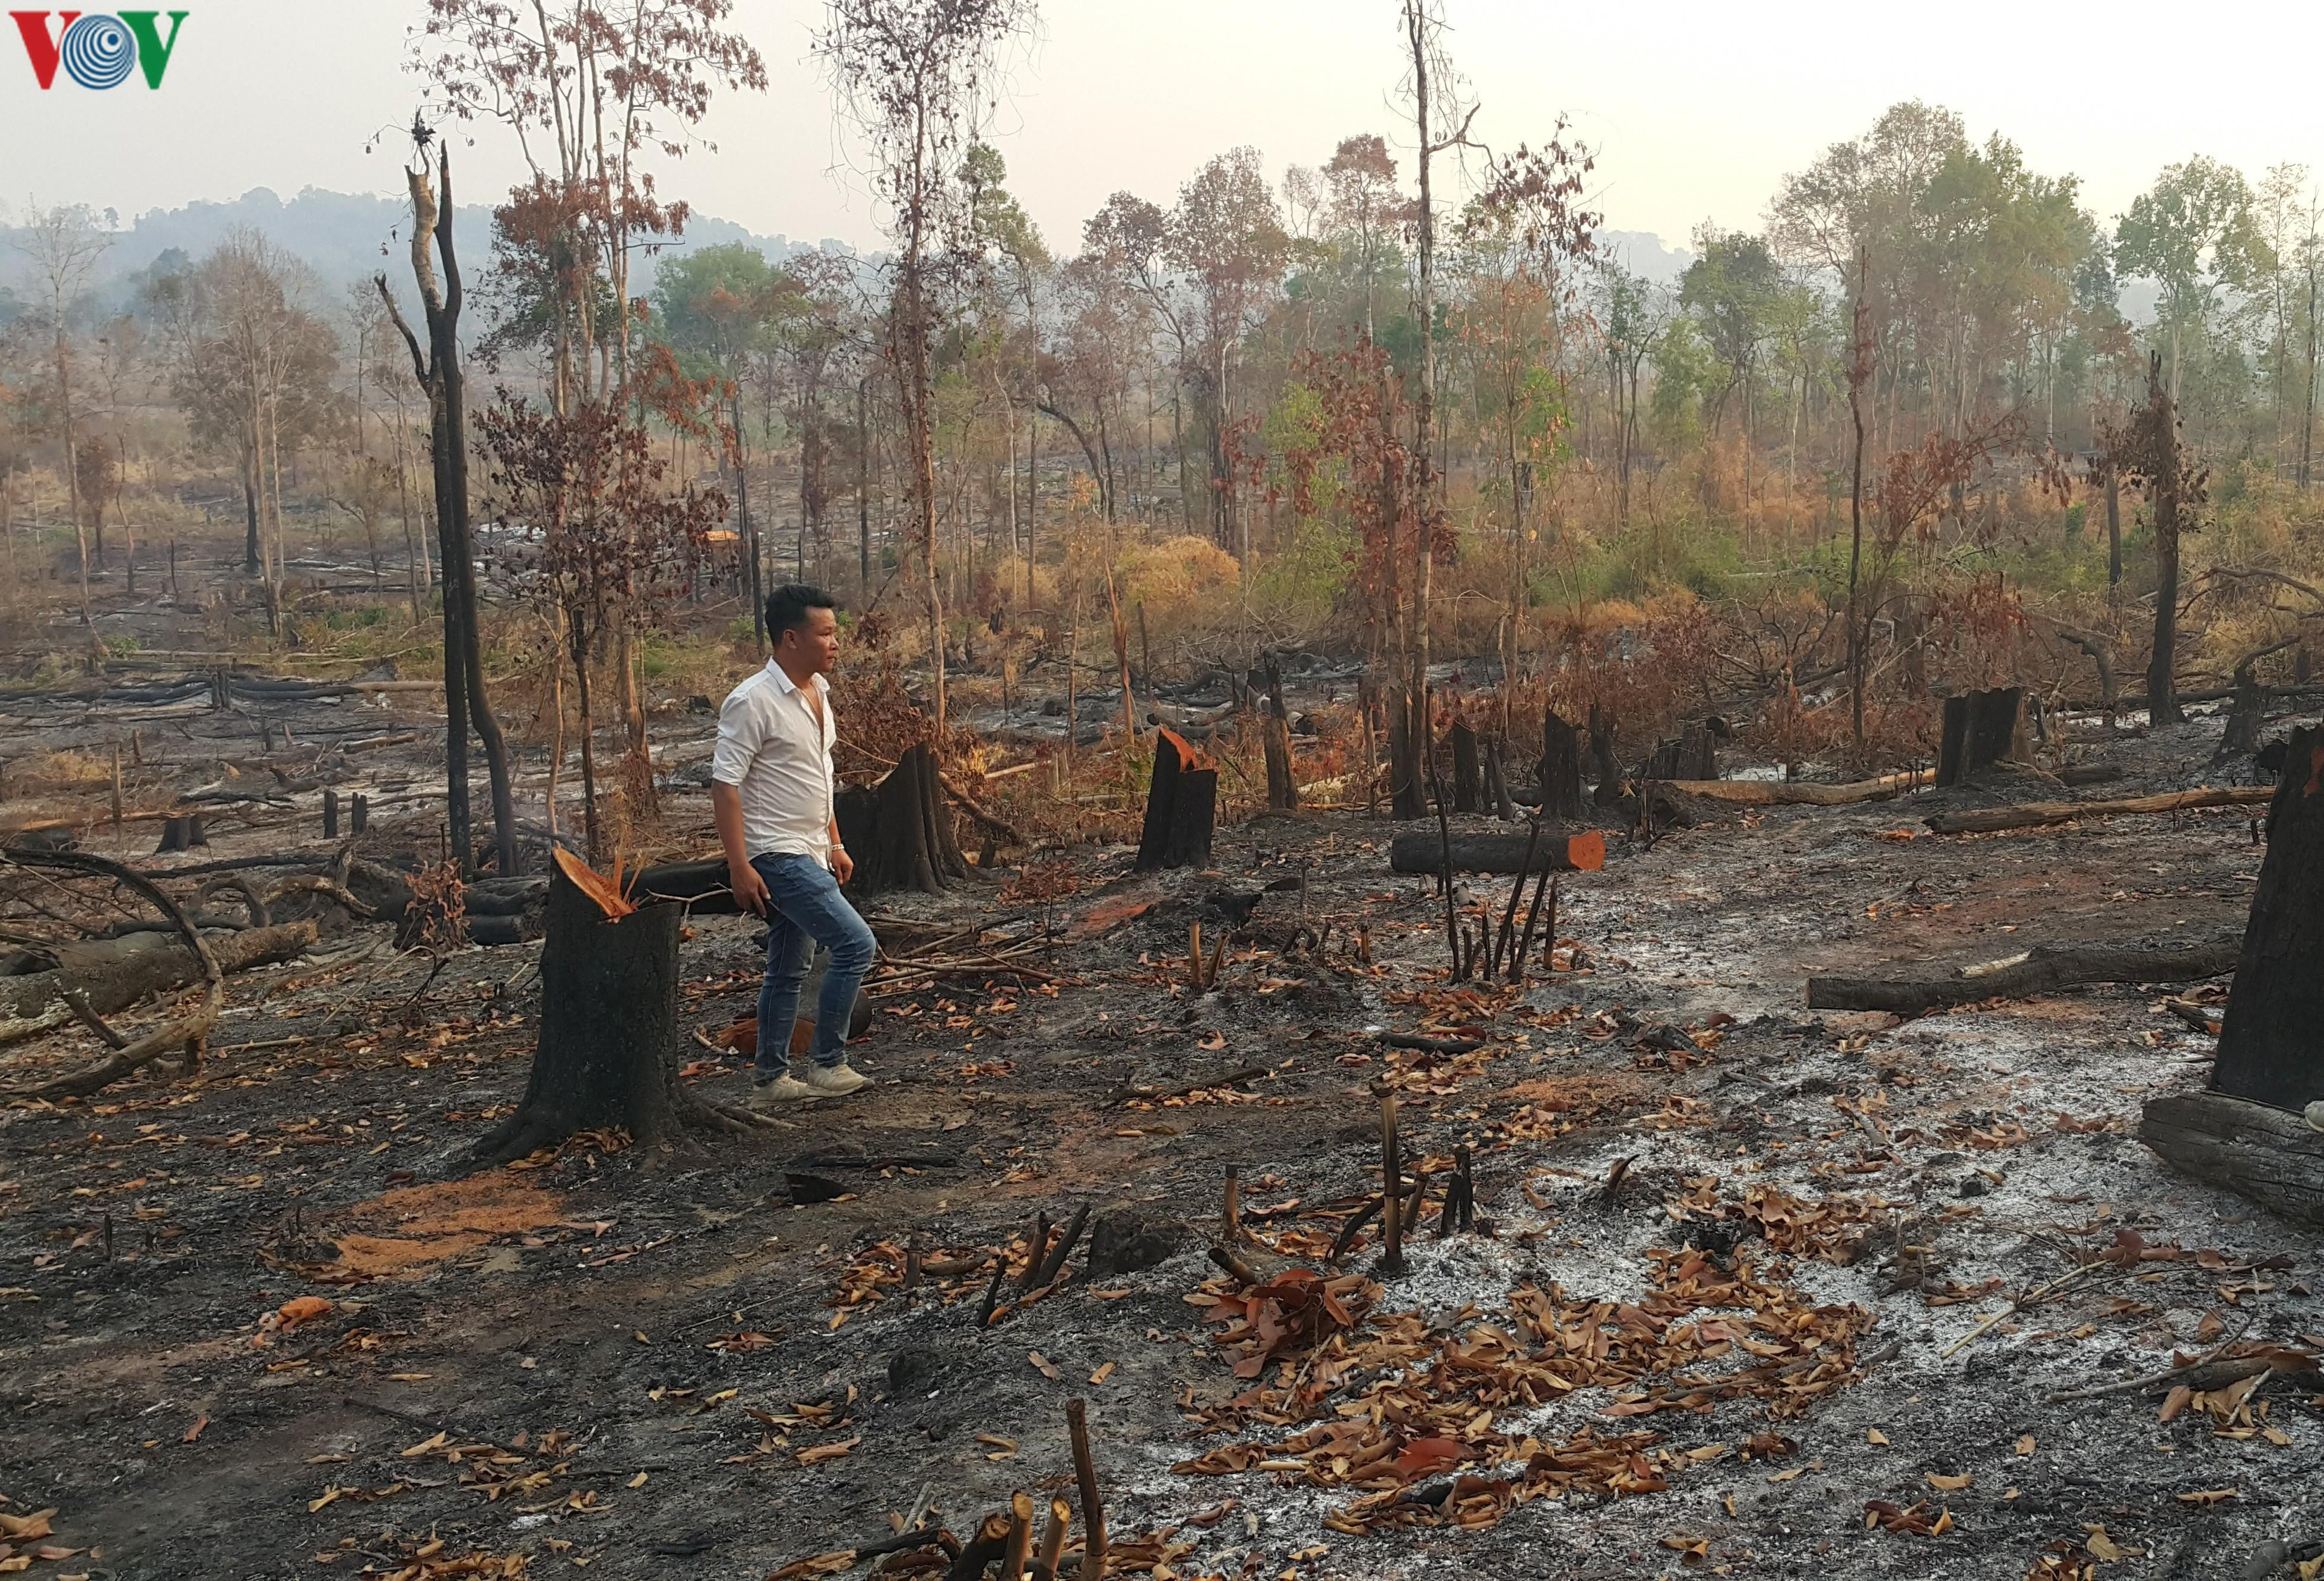 Tây Nguyên mất rừng, vỡ quy hoạch, quản lý yếu kém, hạn chồng hạn Ảnh 1